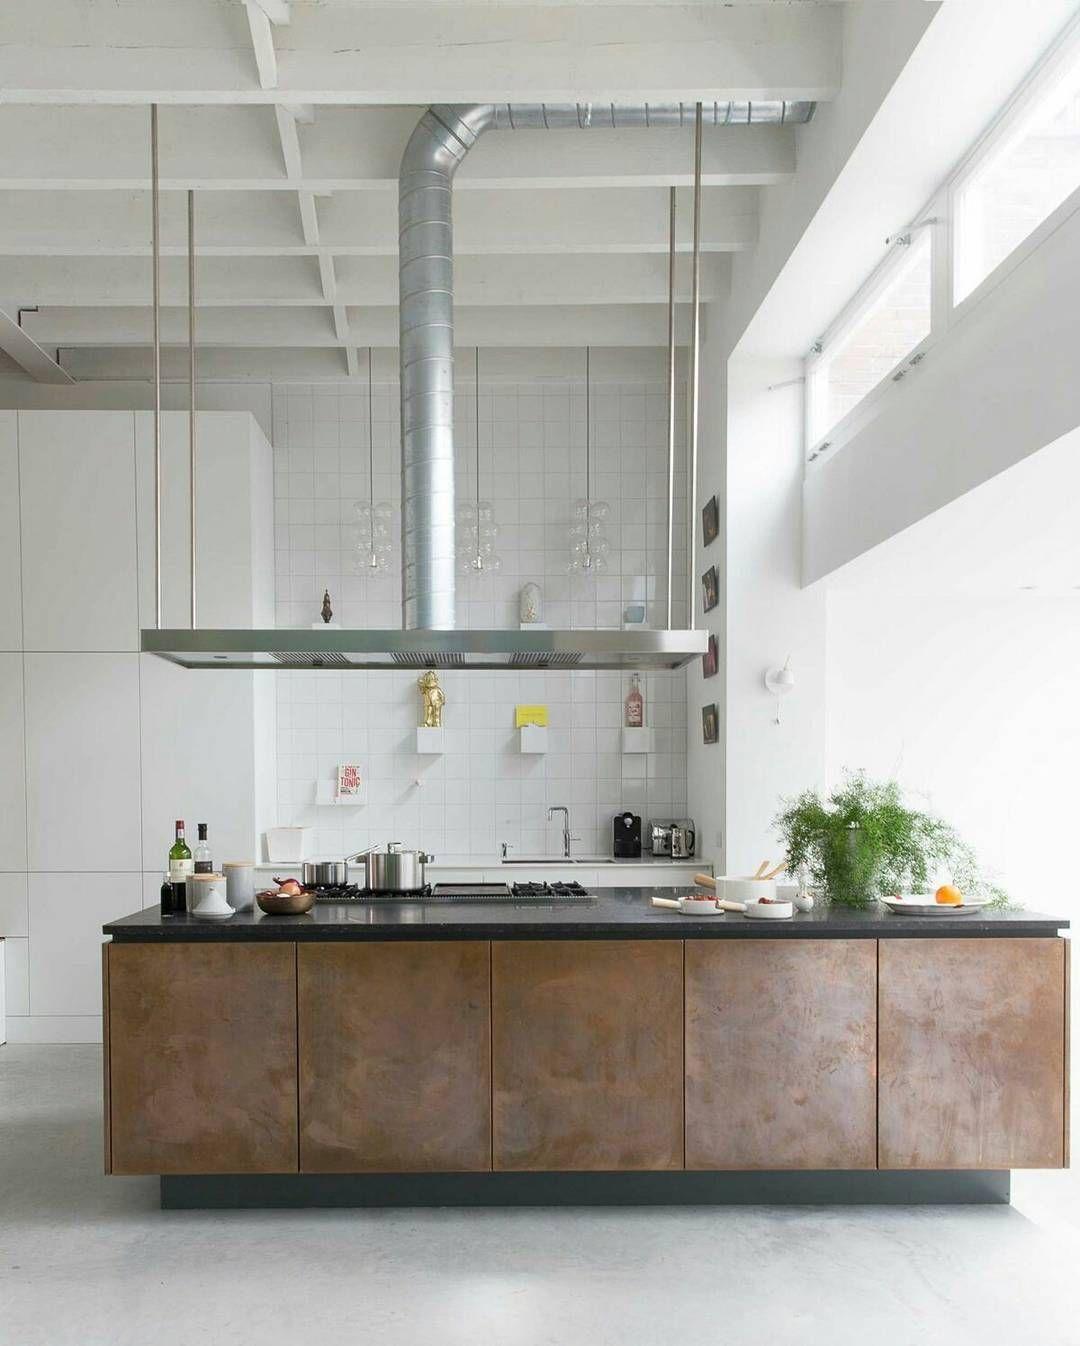 Industrial Warehouse Kitchen Inspiration Industrial Kitchen Design Contemporary Kitchen Renovation Modern Kitchen